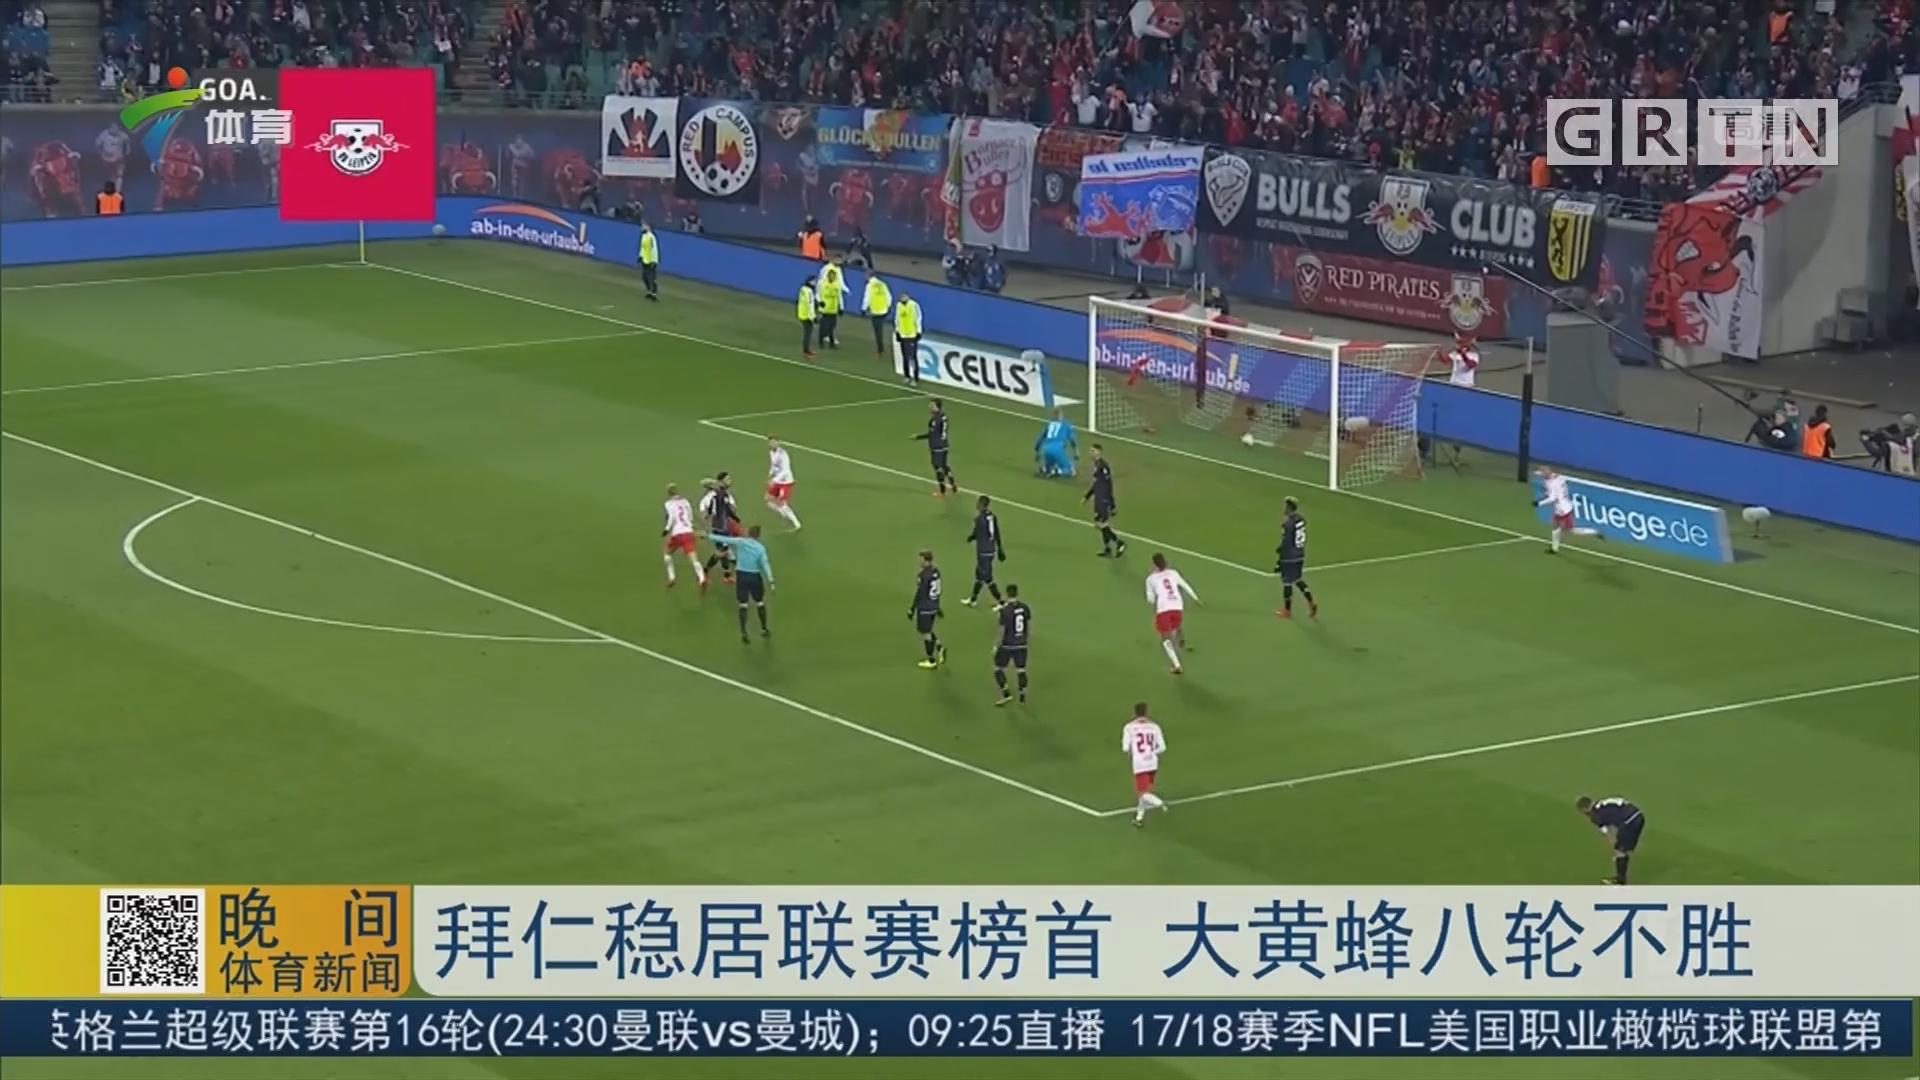 拜仁稳居联赛榜首 大黄蜂八轮不胜